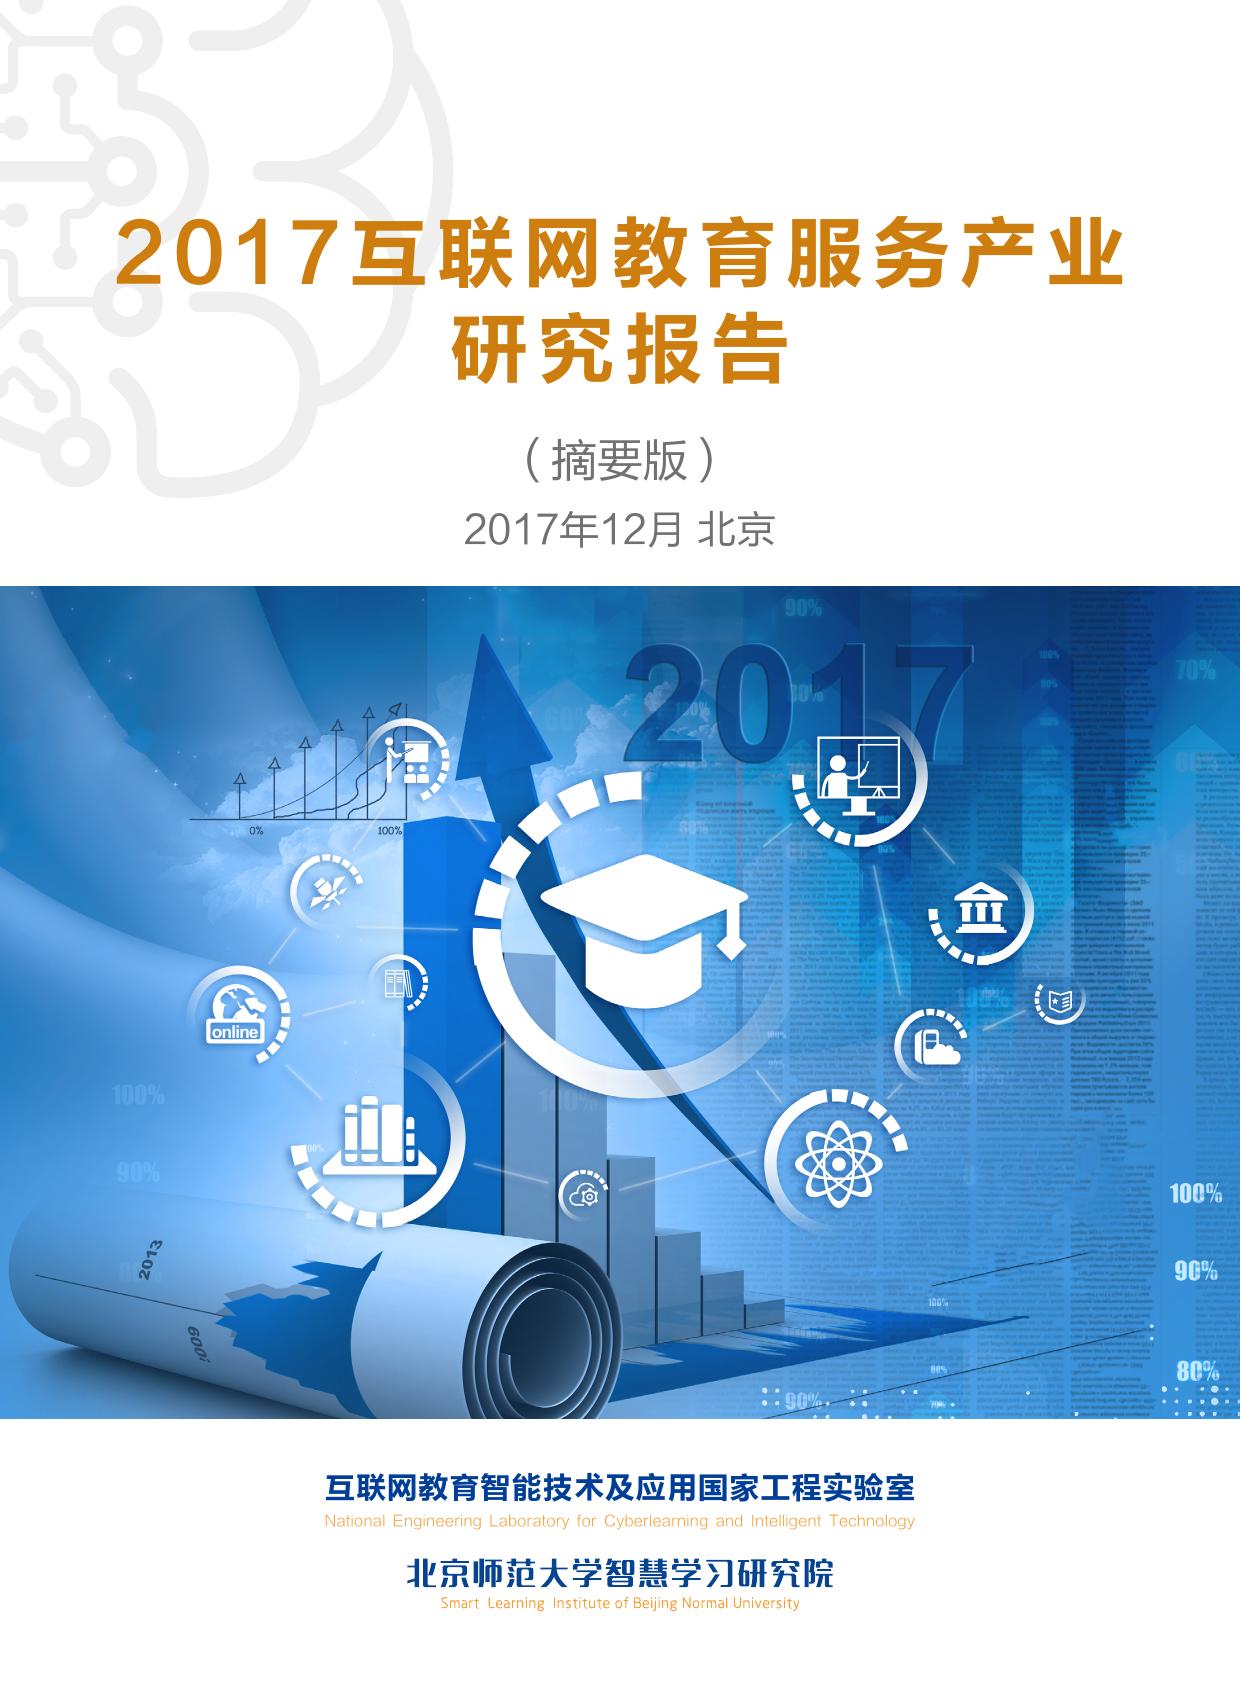 北师大智慧学习研究院:2017互联网教育服务产业研究报告(附下载)